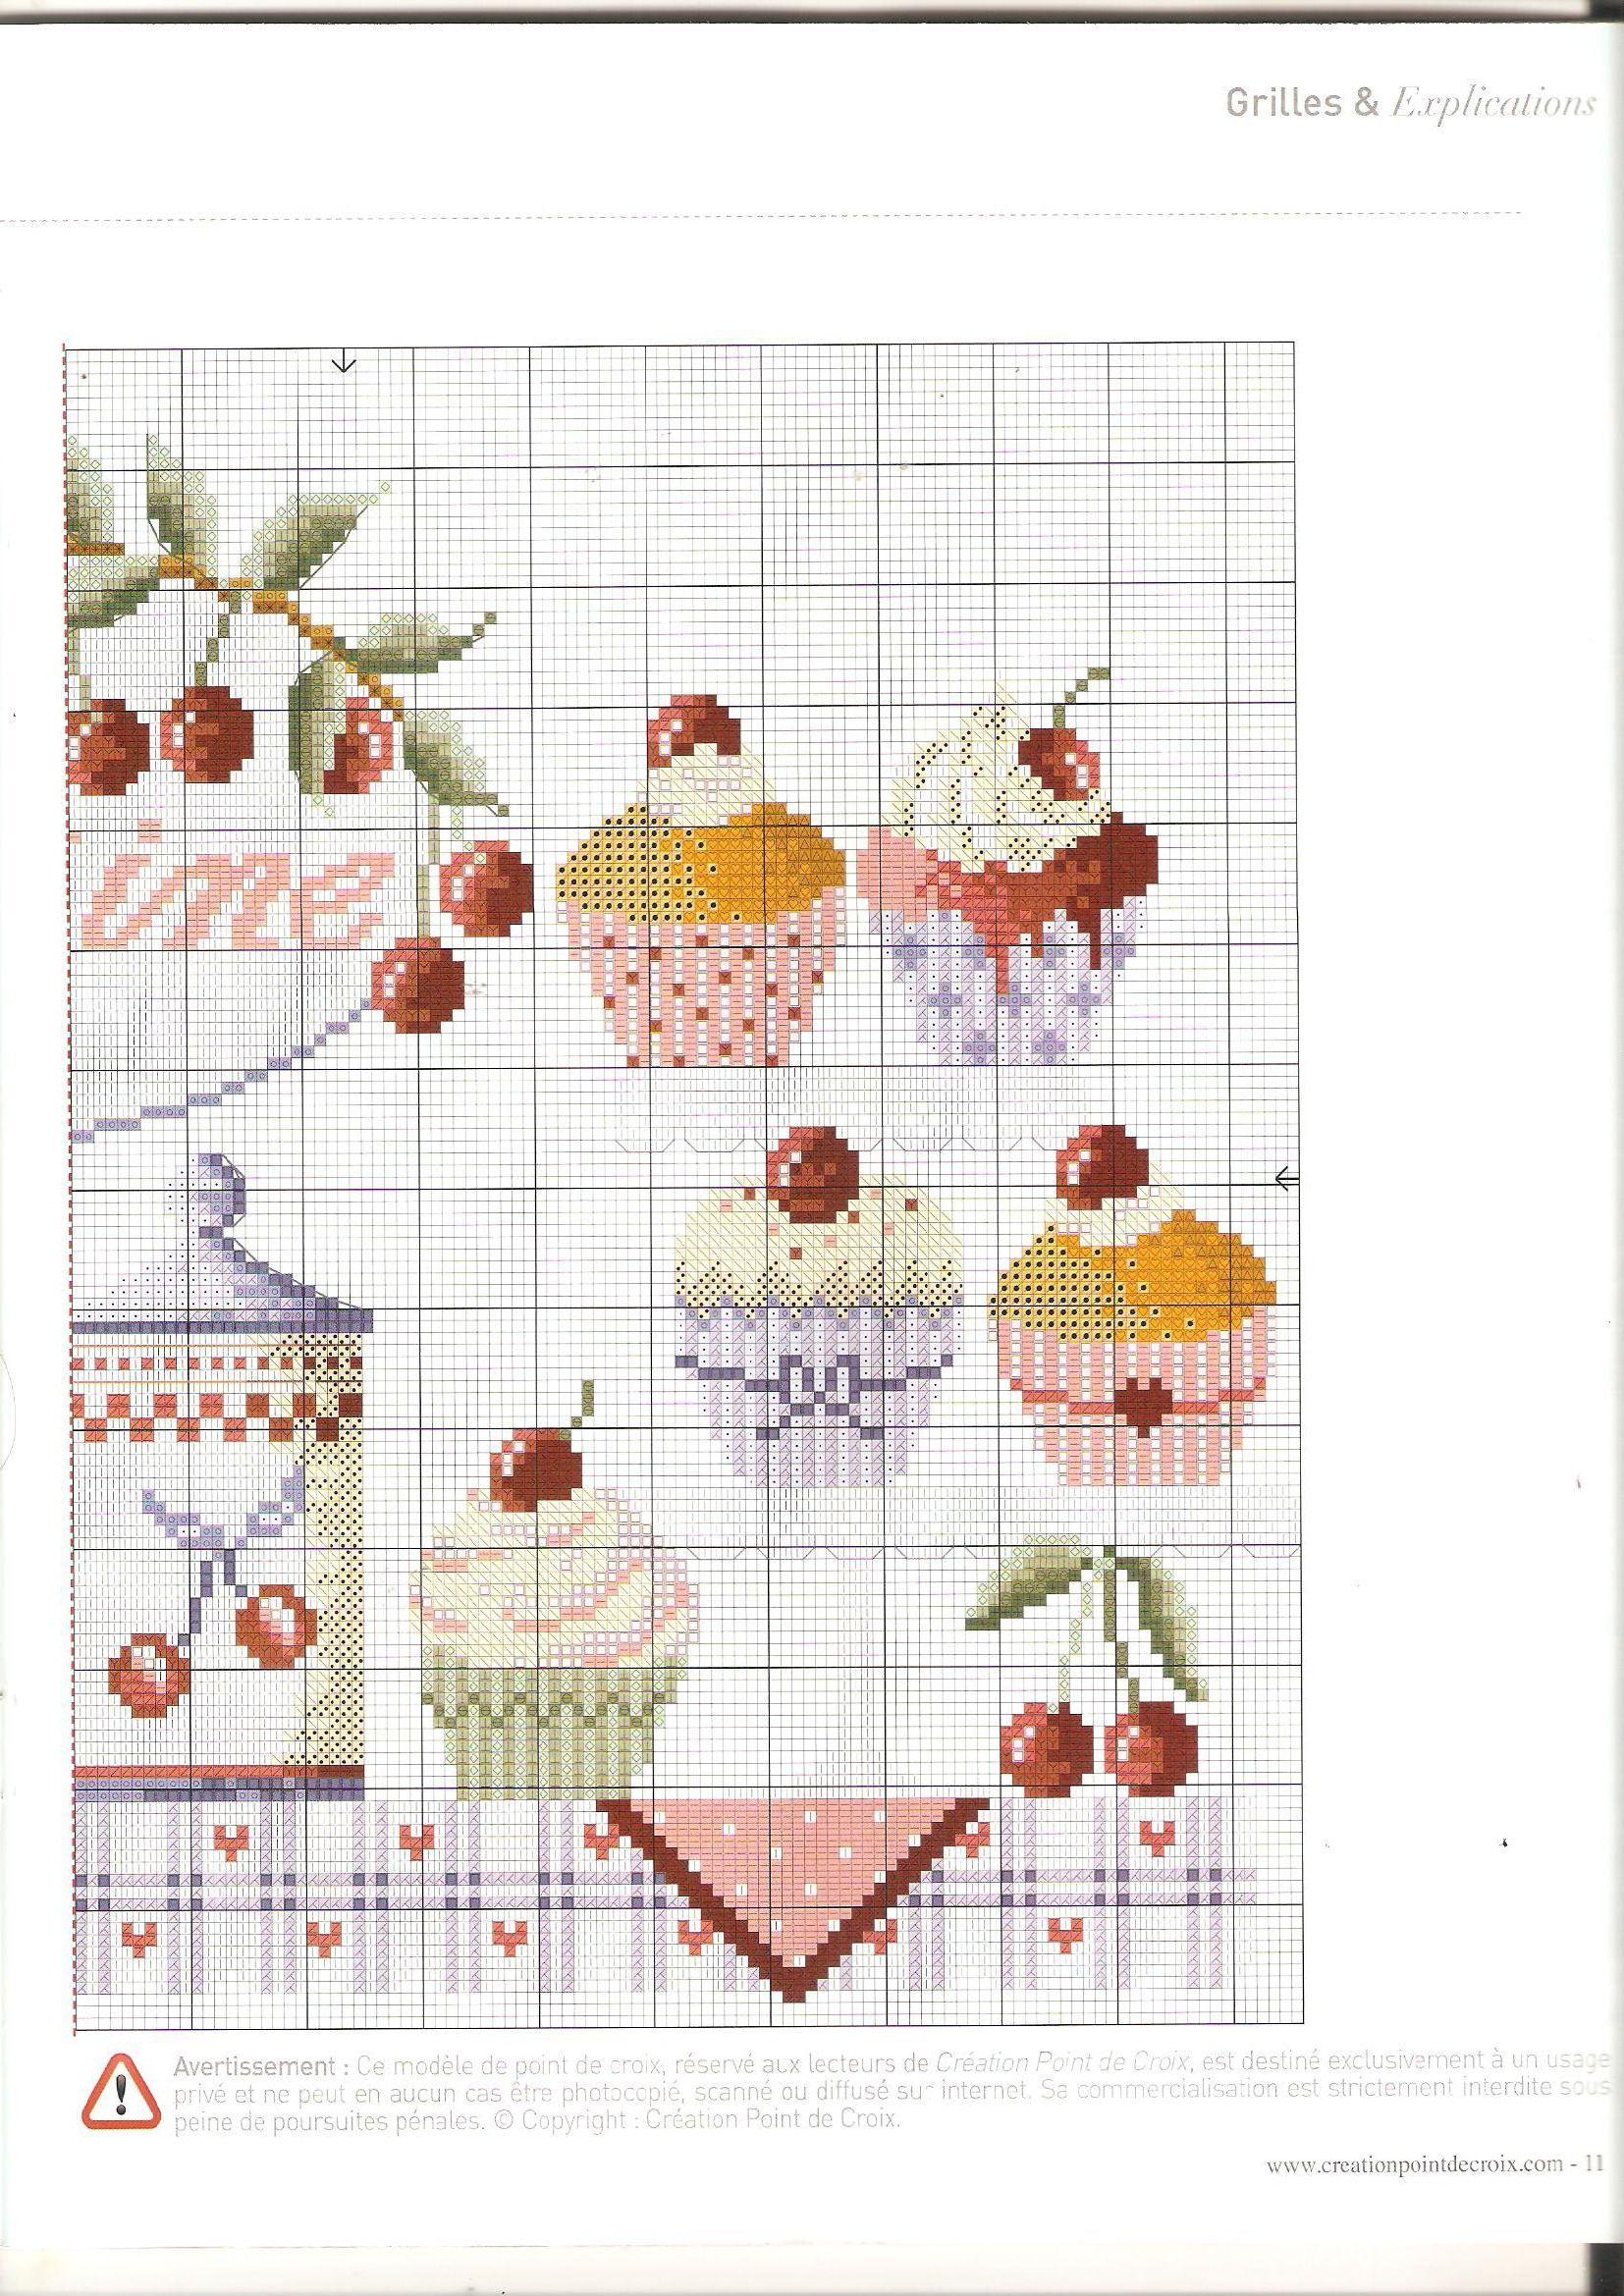 Creation Point De Croix HS28 -Ma cuisine Cherry - Part 2 of 2 ... on